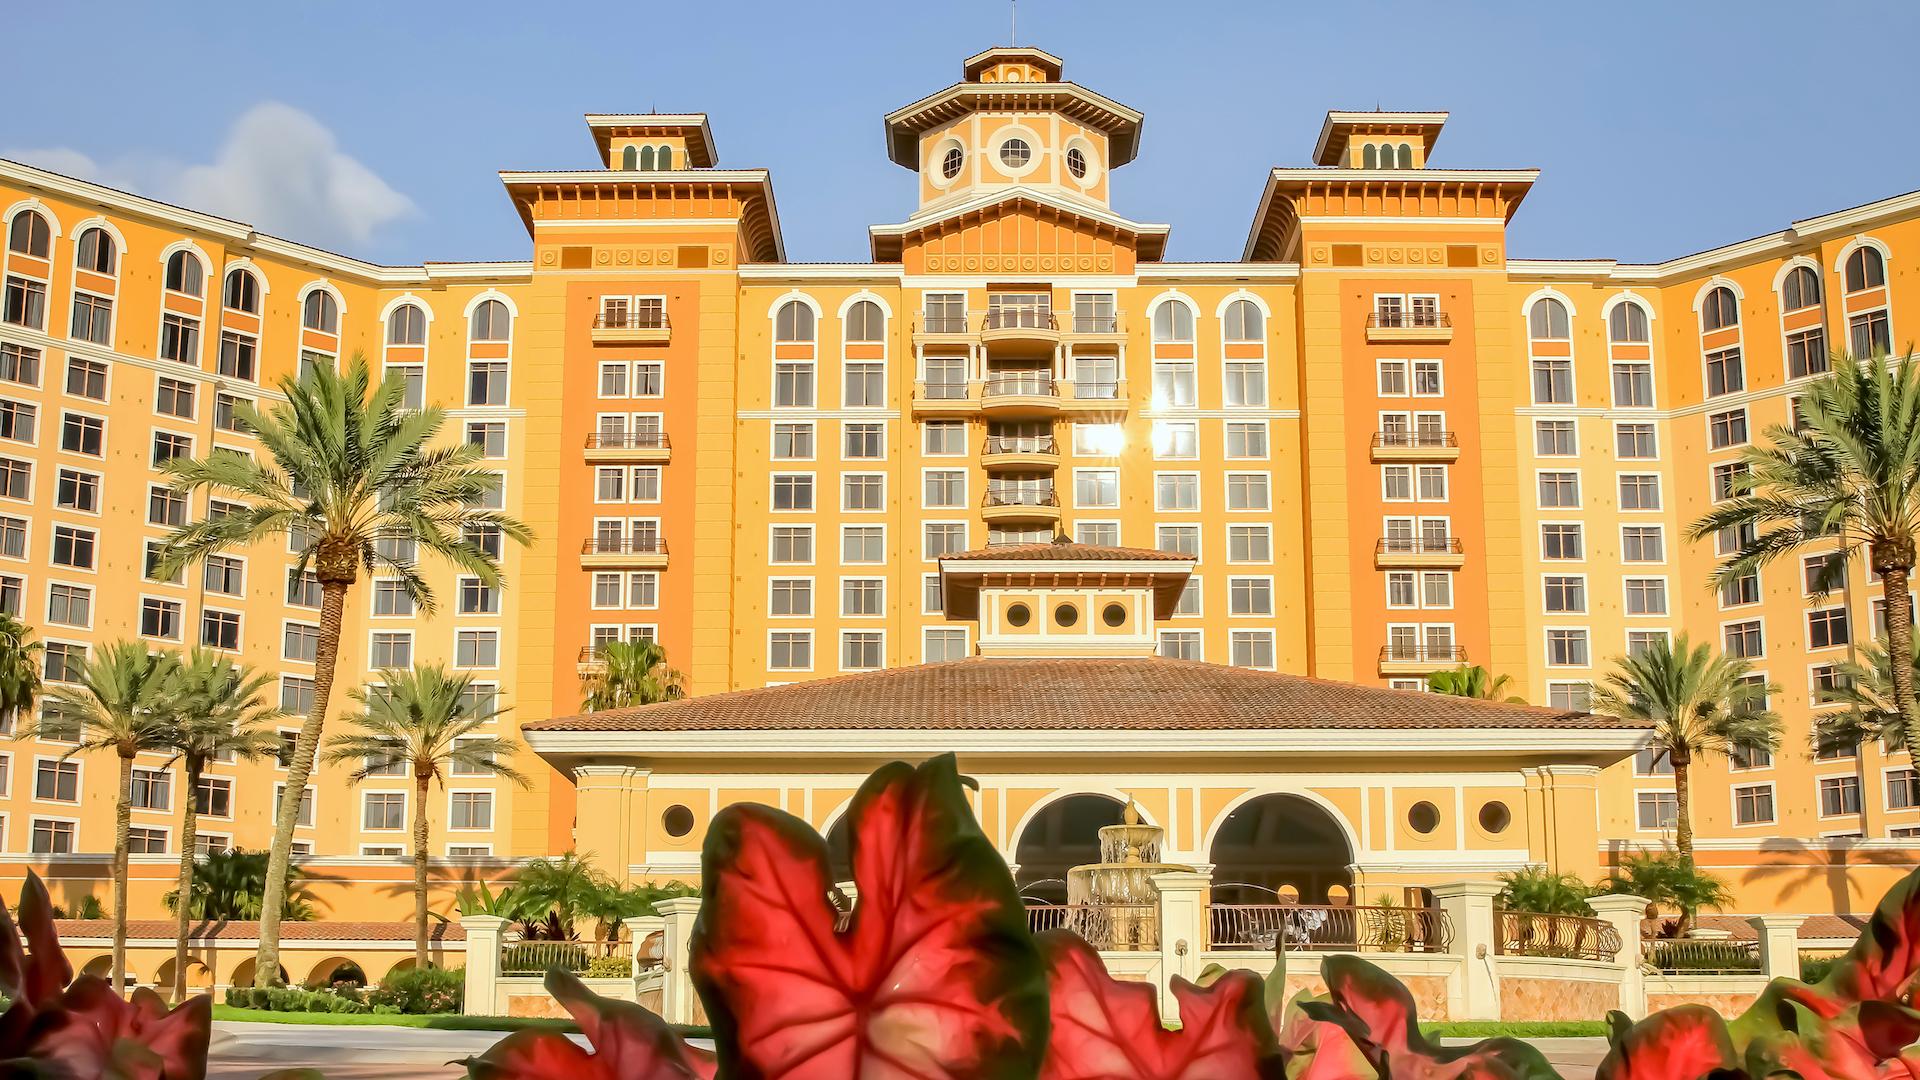 REVIEW Hotel Rosen Shingle Creek Orlando: enormemente atractivo